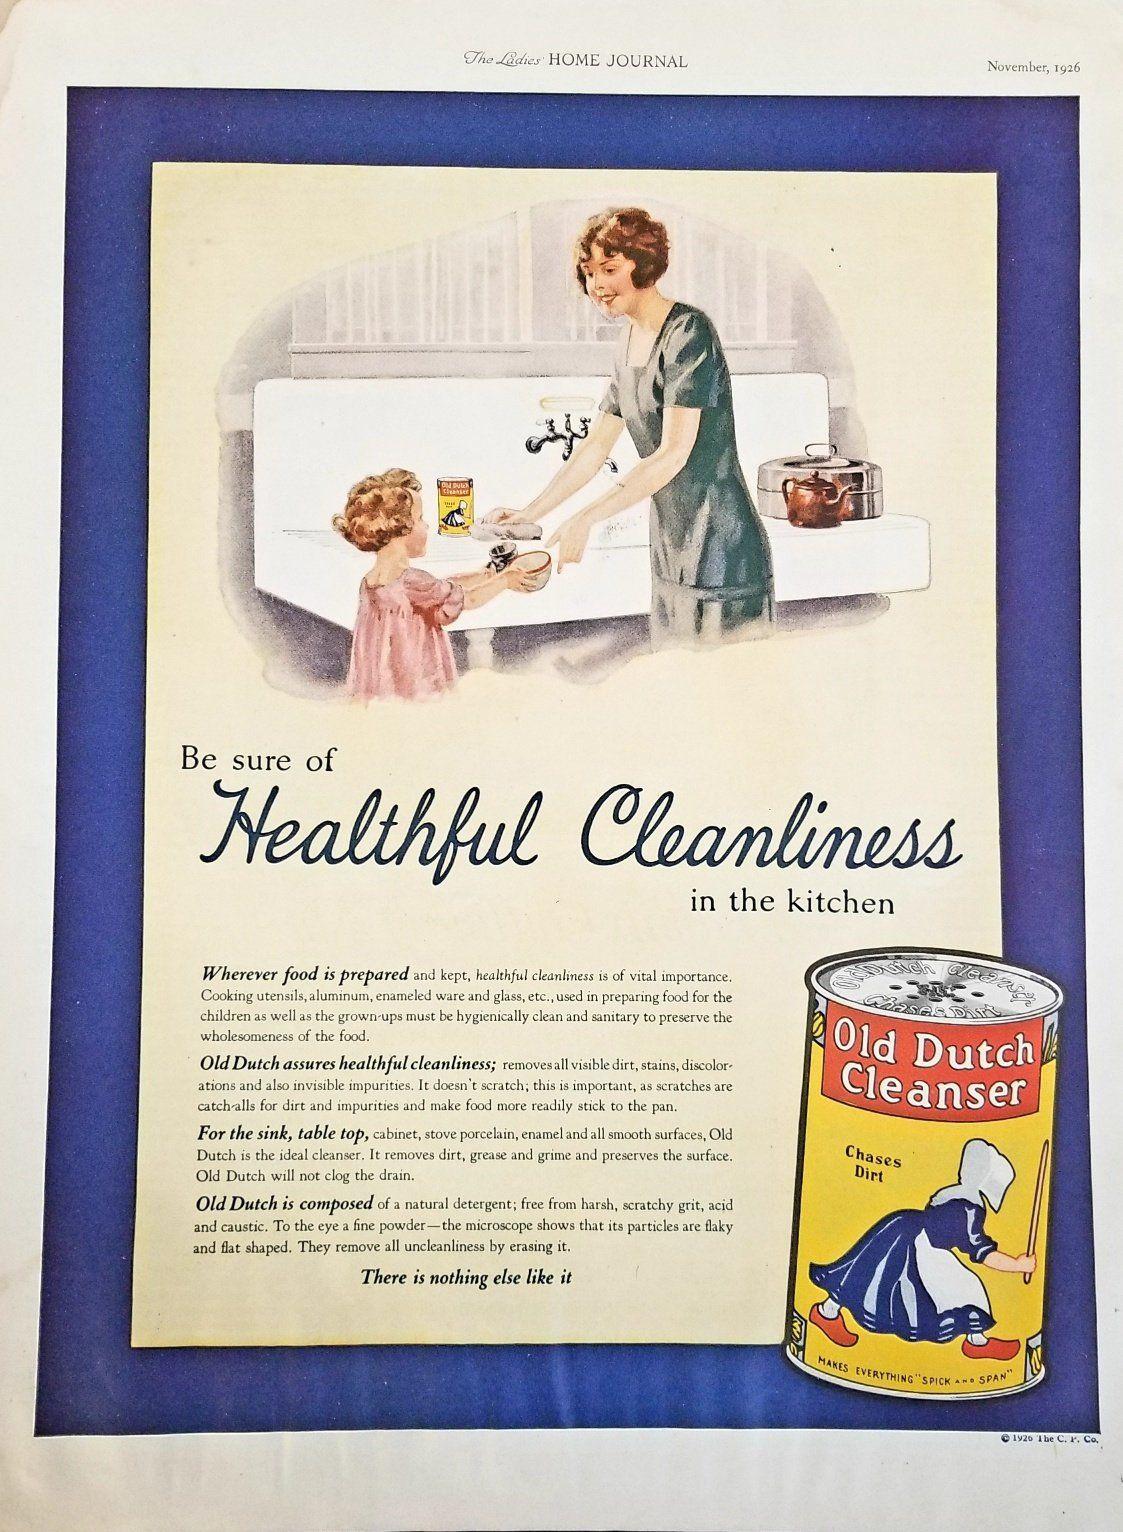 old dutch cleanser vintage advertisement bathroom decor kitchen